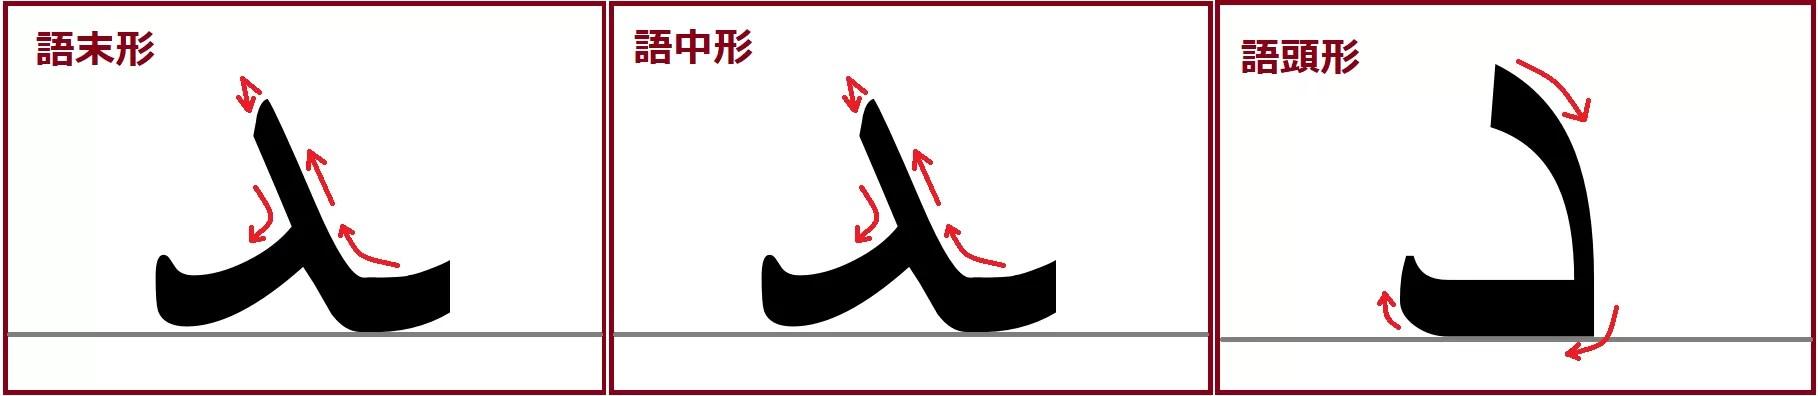 ダール語頭・語中・語末形